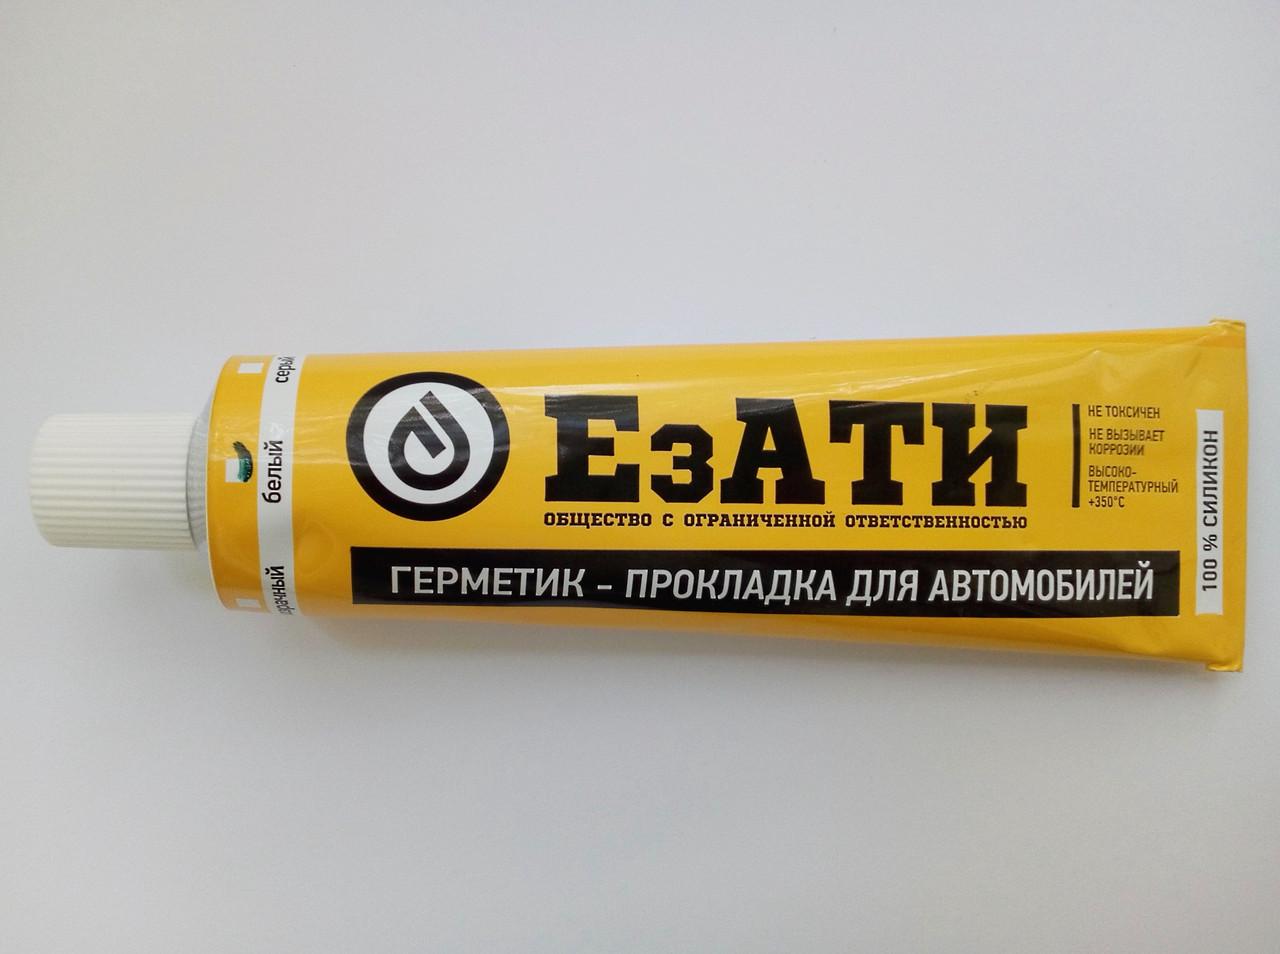 Герметик-прокладка 180г. (белый) t -50 +350 Универсальный ЕЗАТИ